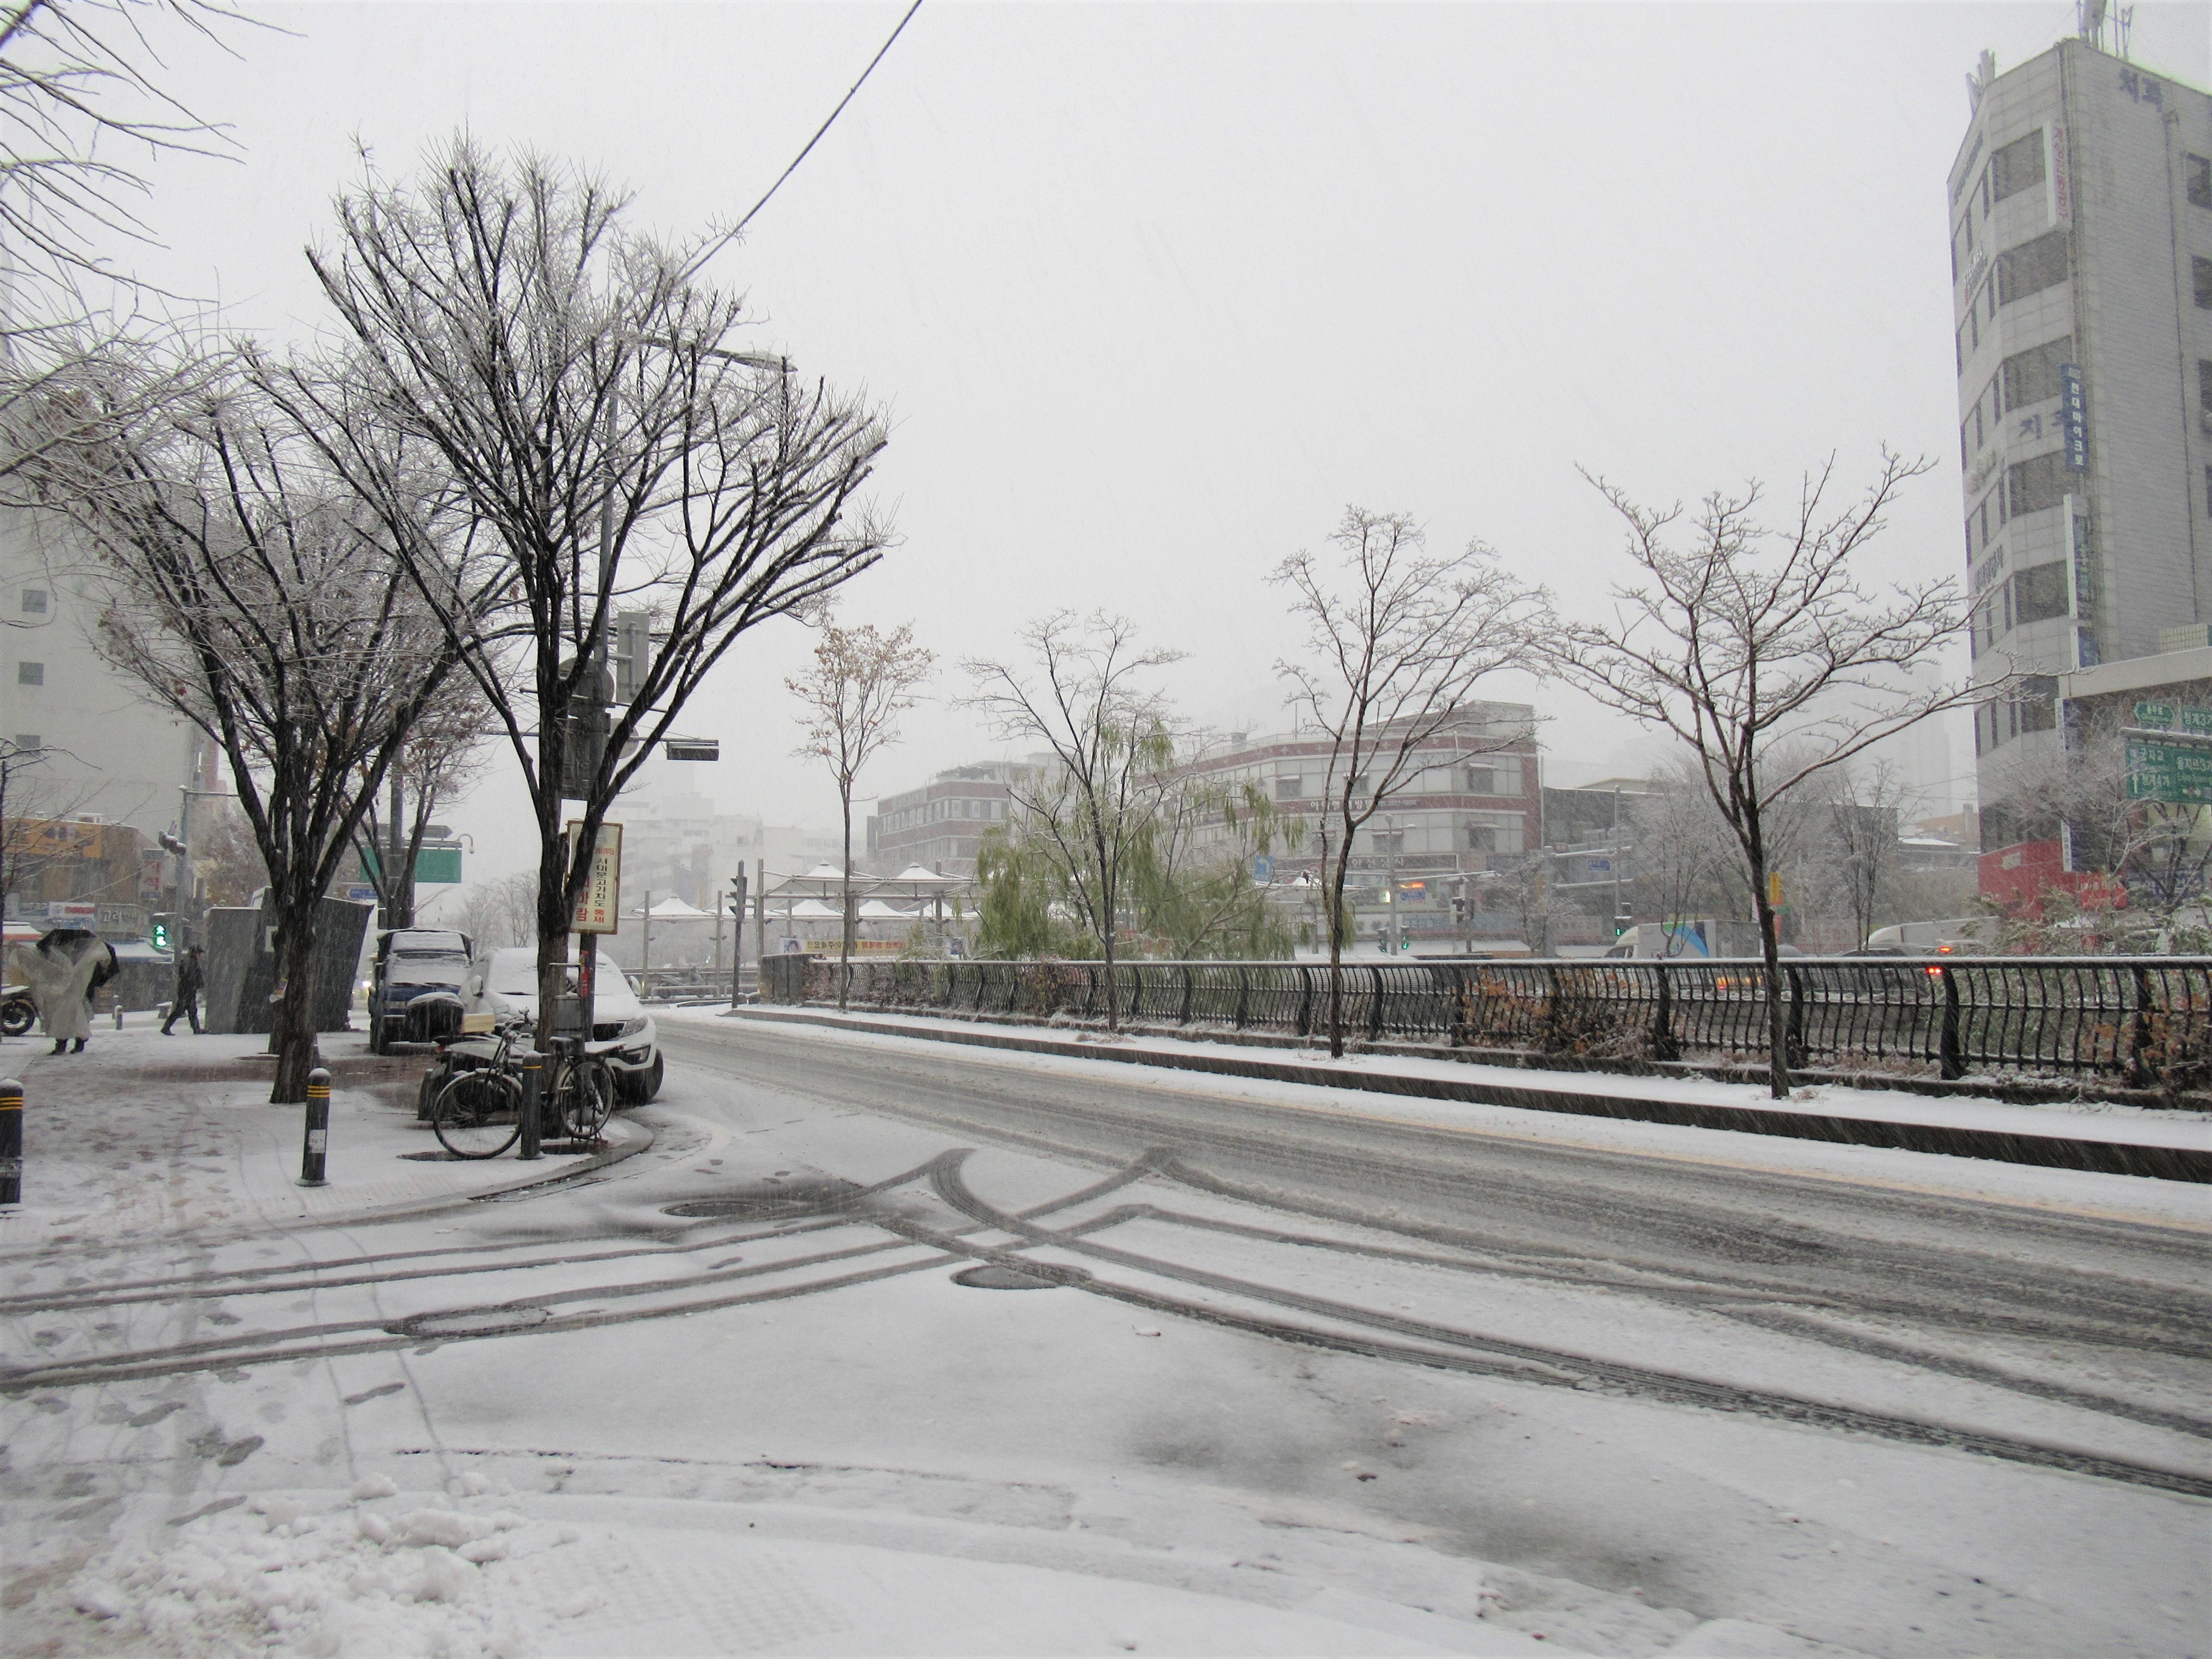 韓国の天気予報は当たらない?実際にソウルと釜山の天気で比較した結果|韓国ブログ旅